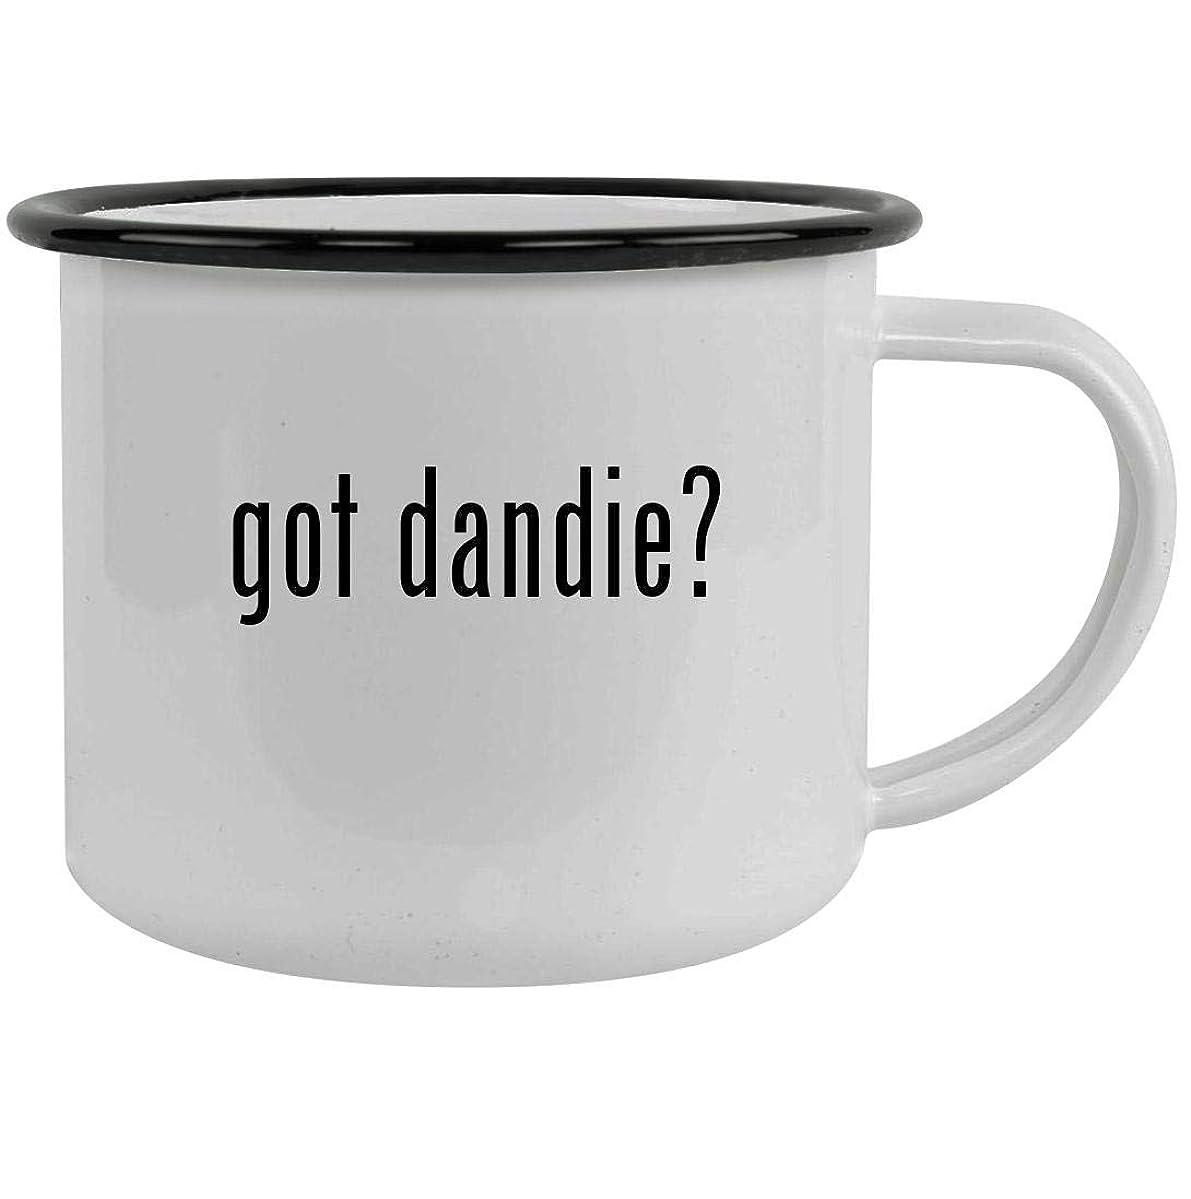 got dandie? - 12oz Stainless Steel Camping Mug, Black